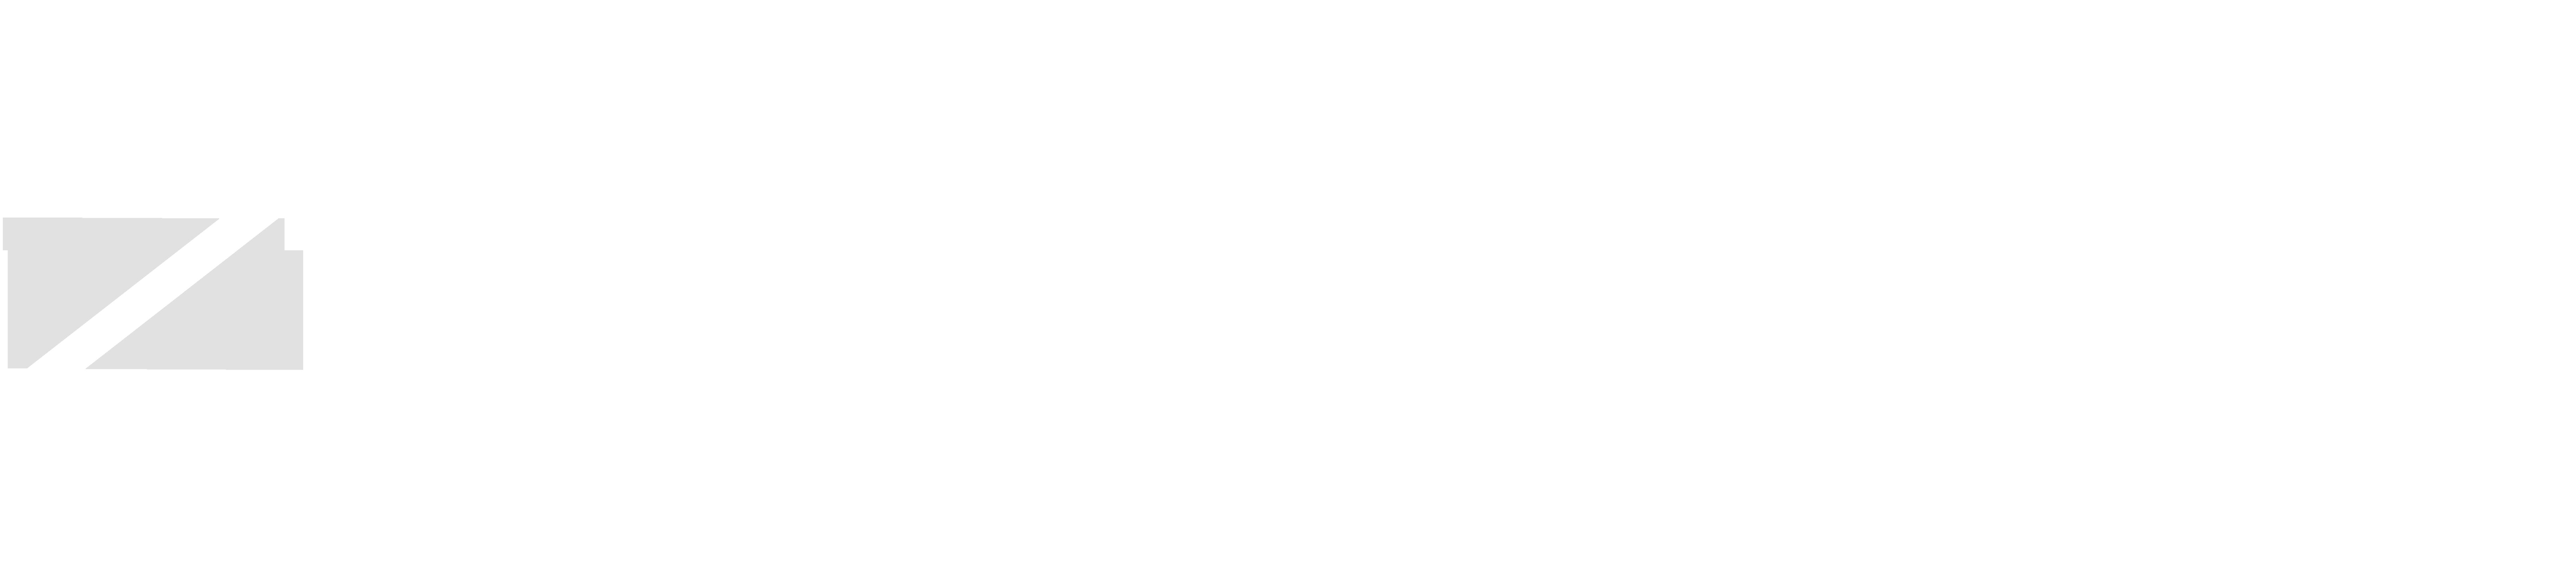 StoneWall Logo - White